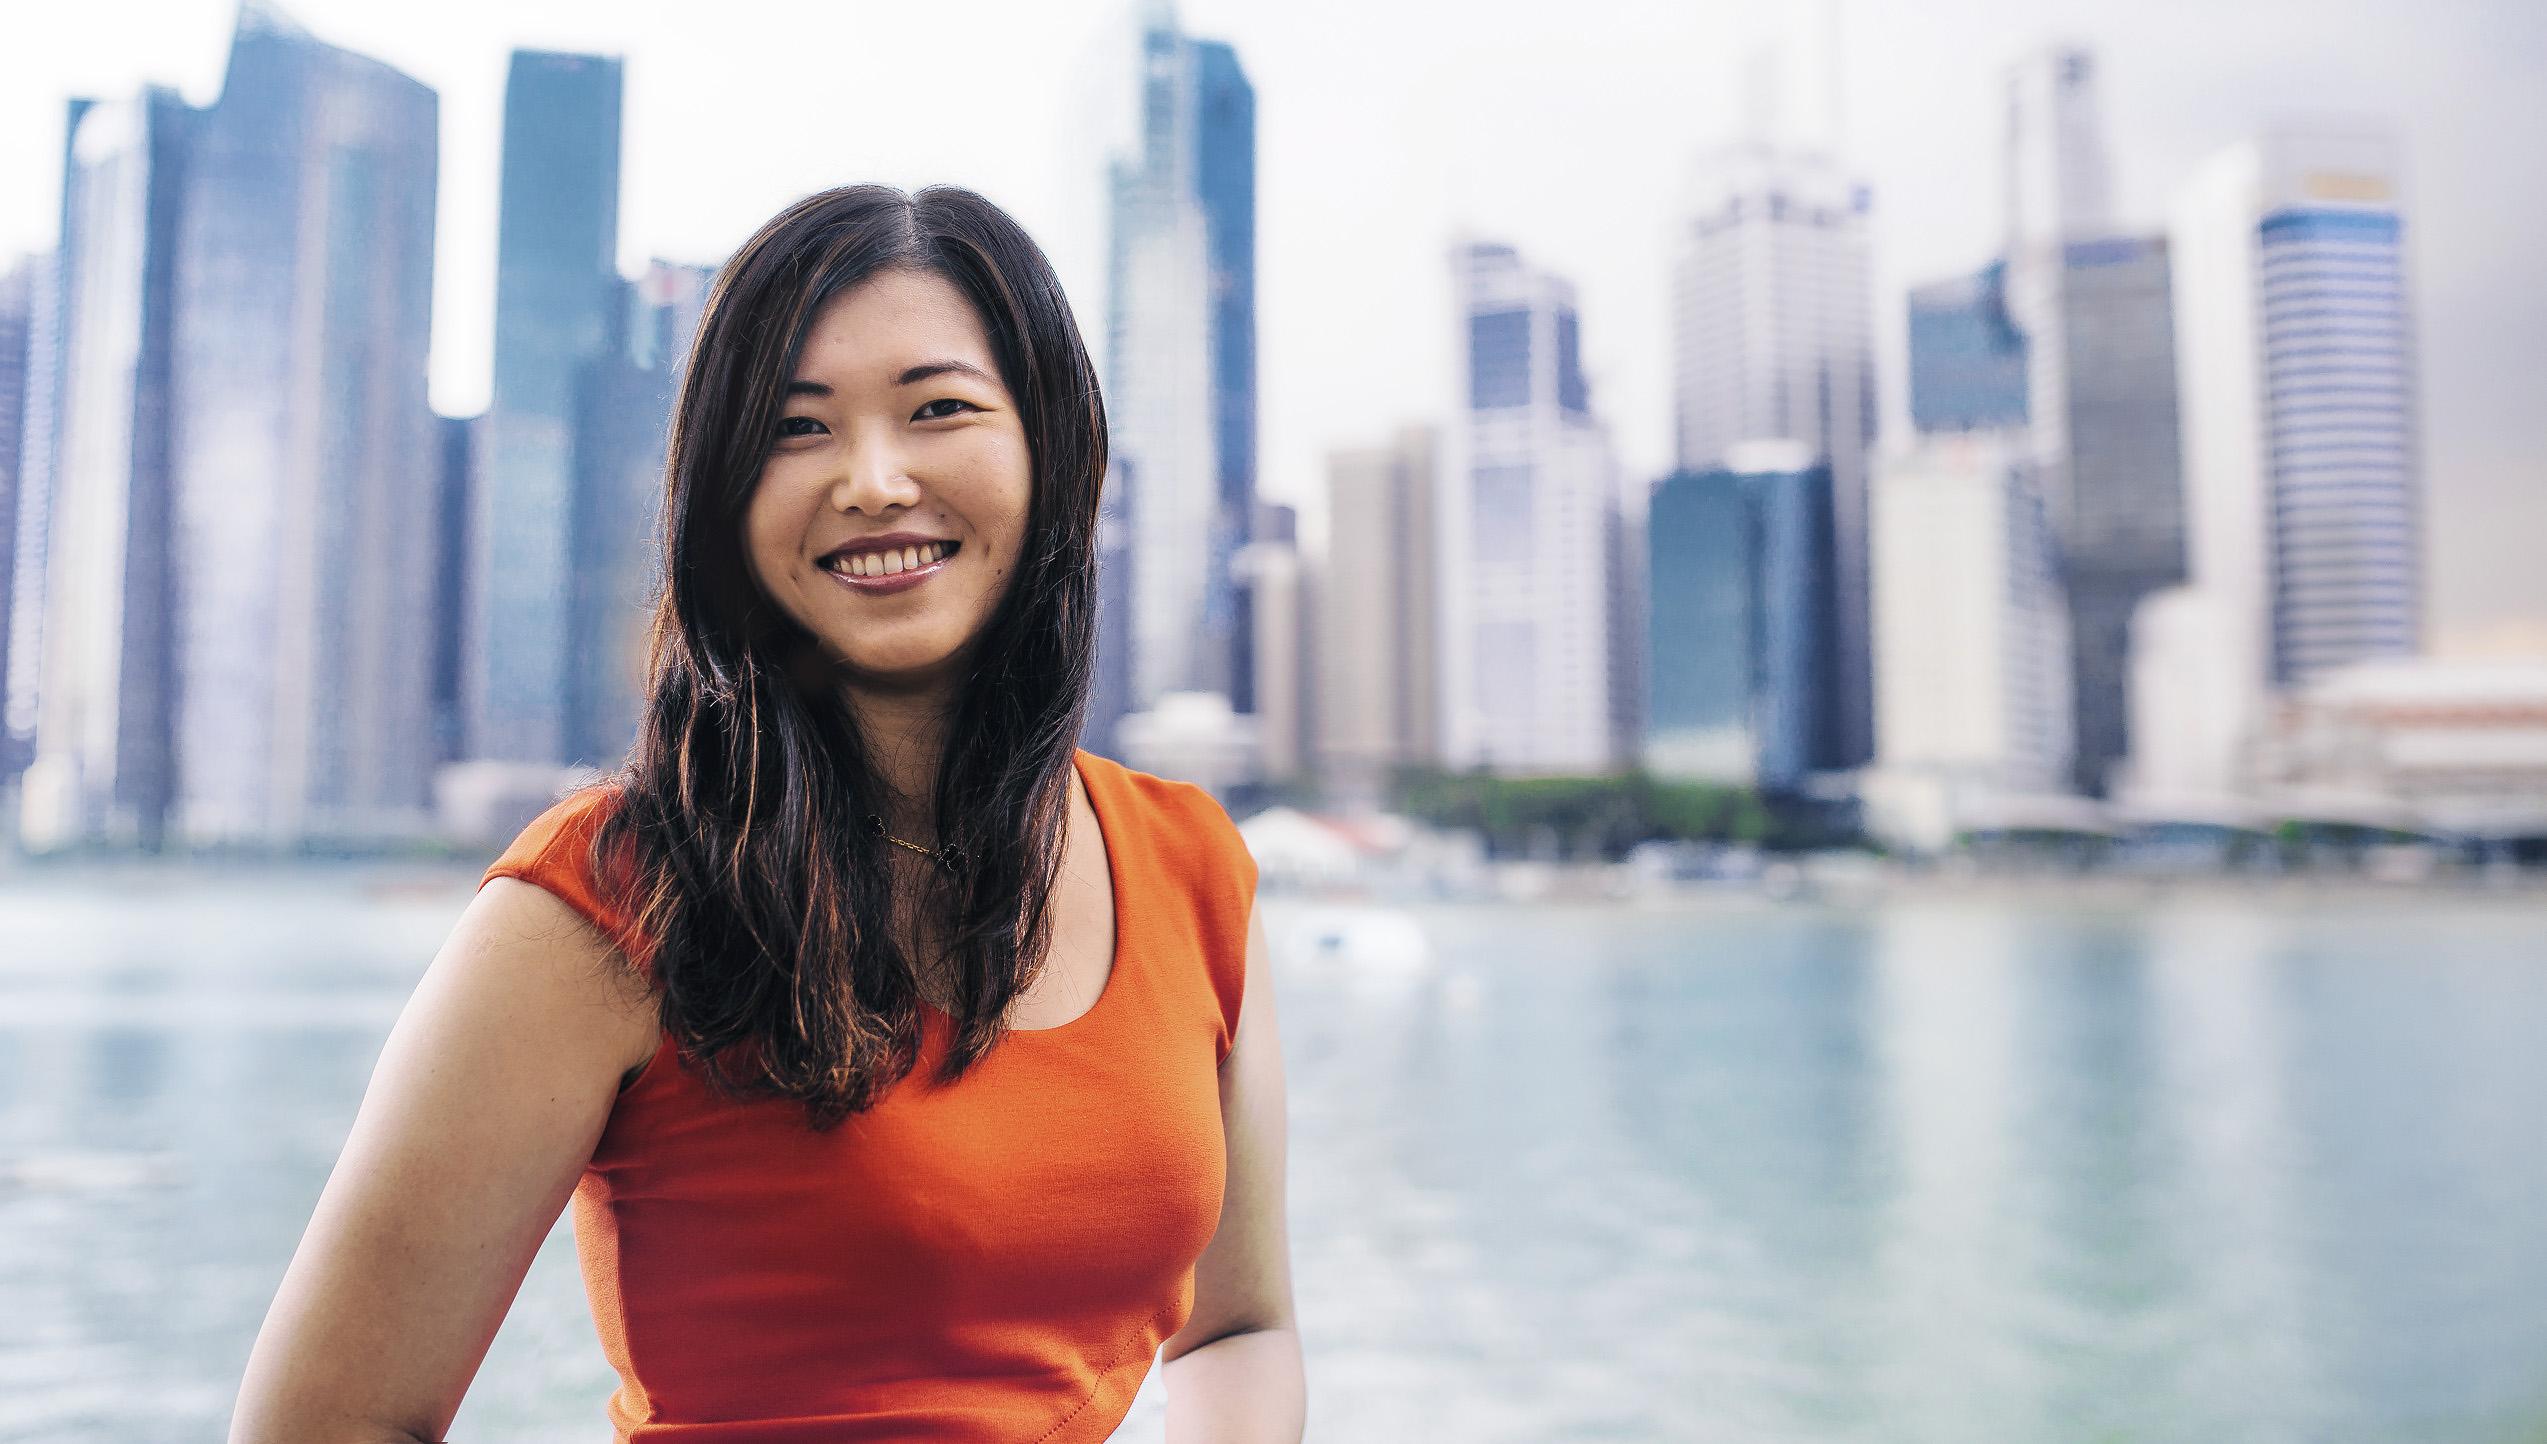 10 Start-up Tips From Female Entrepreneurs